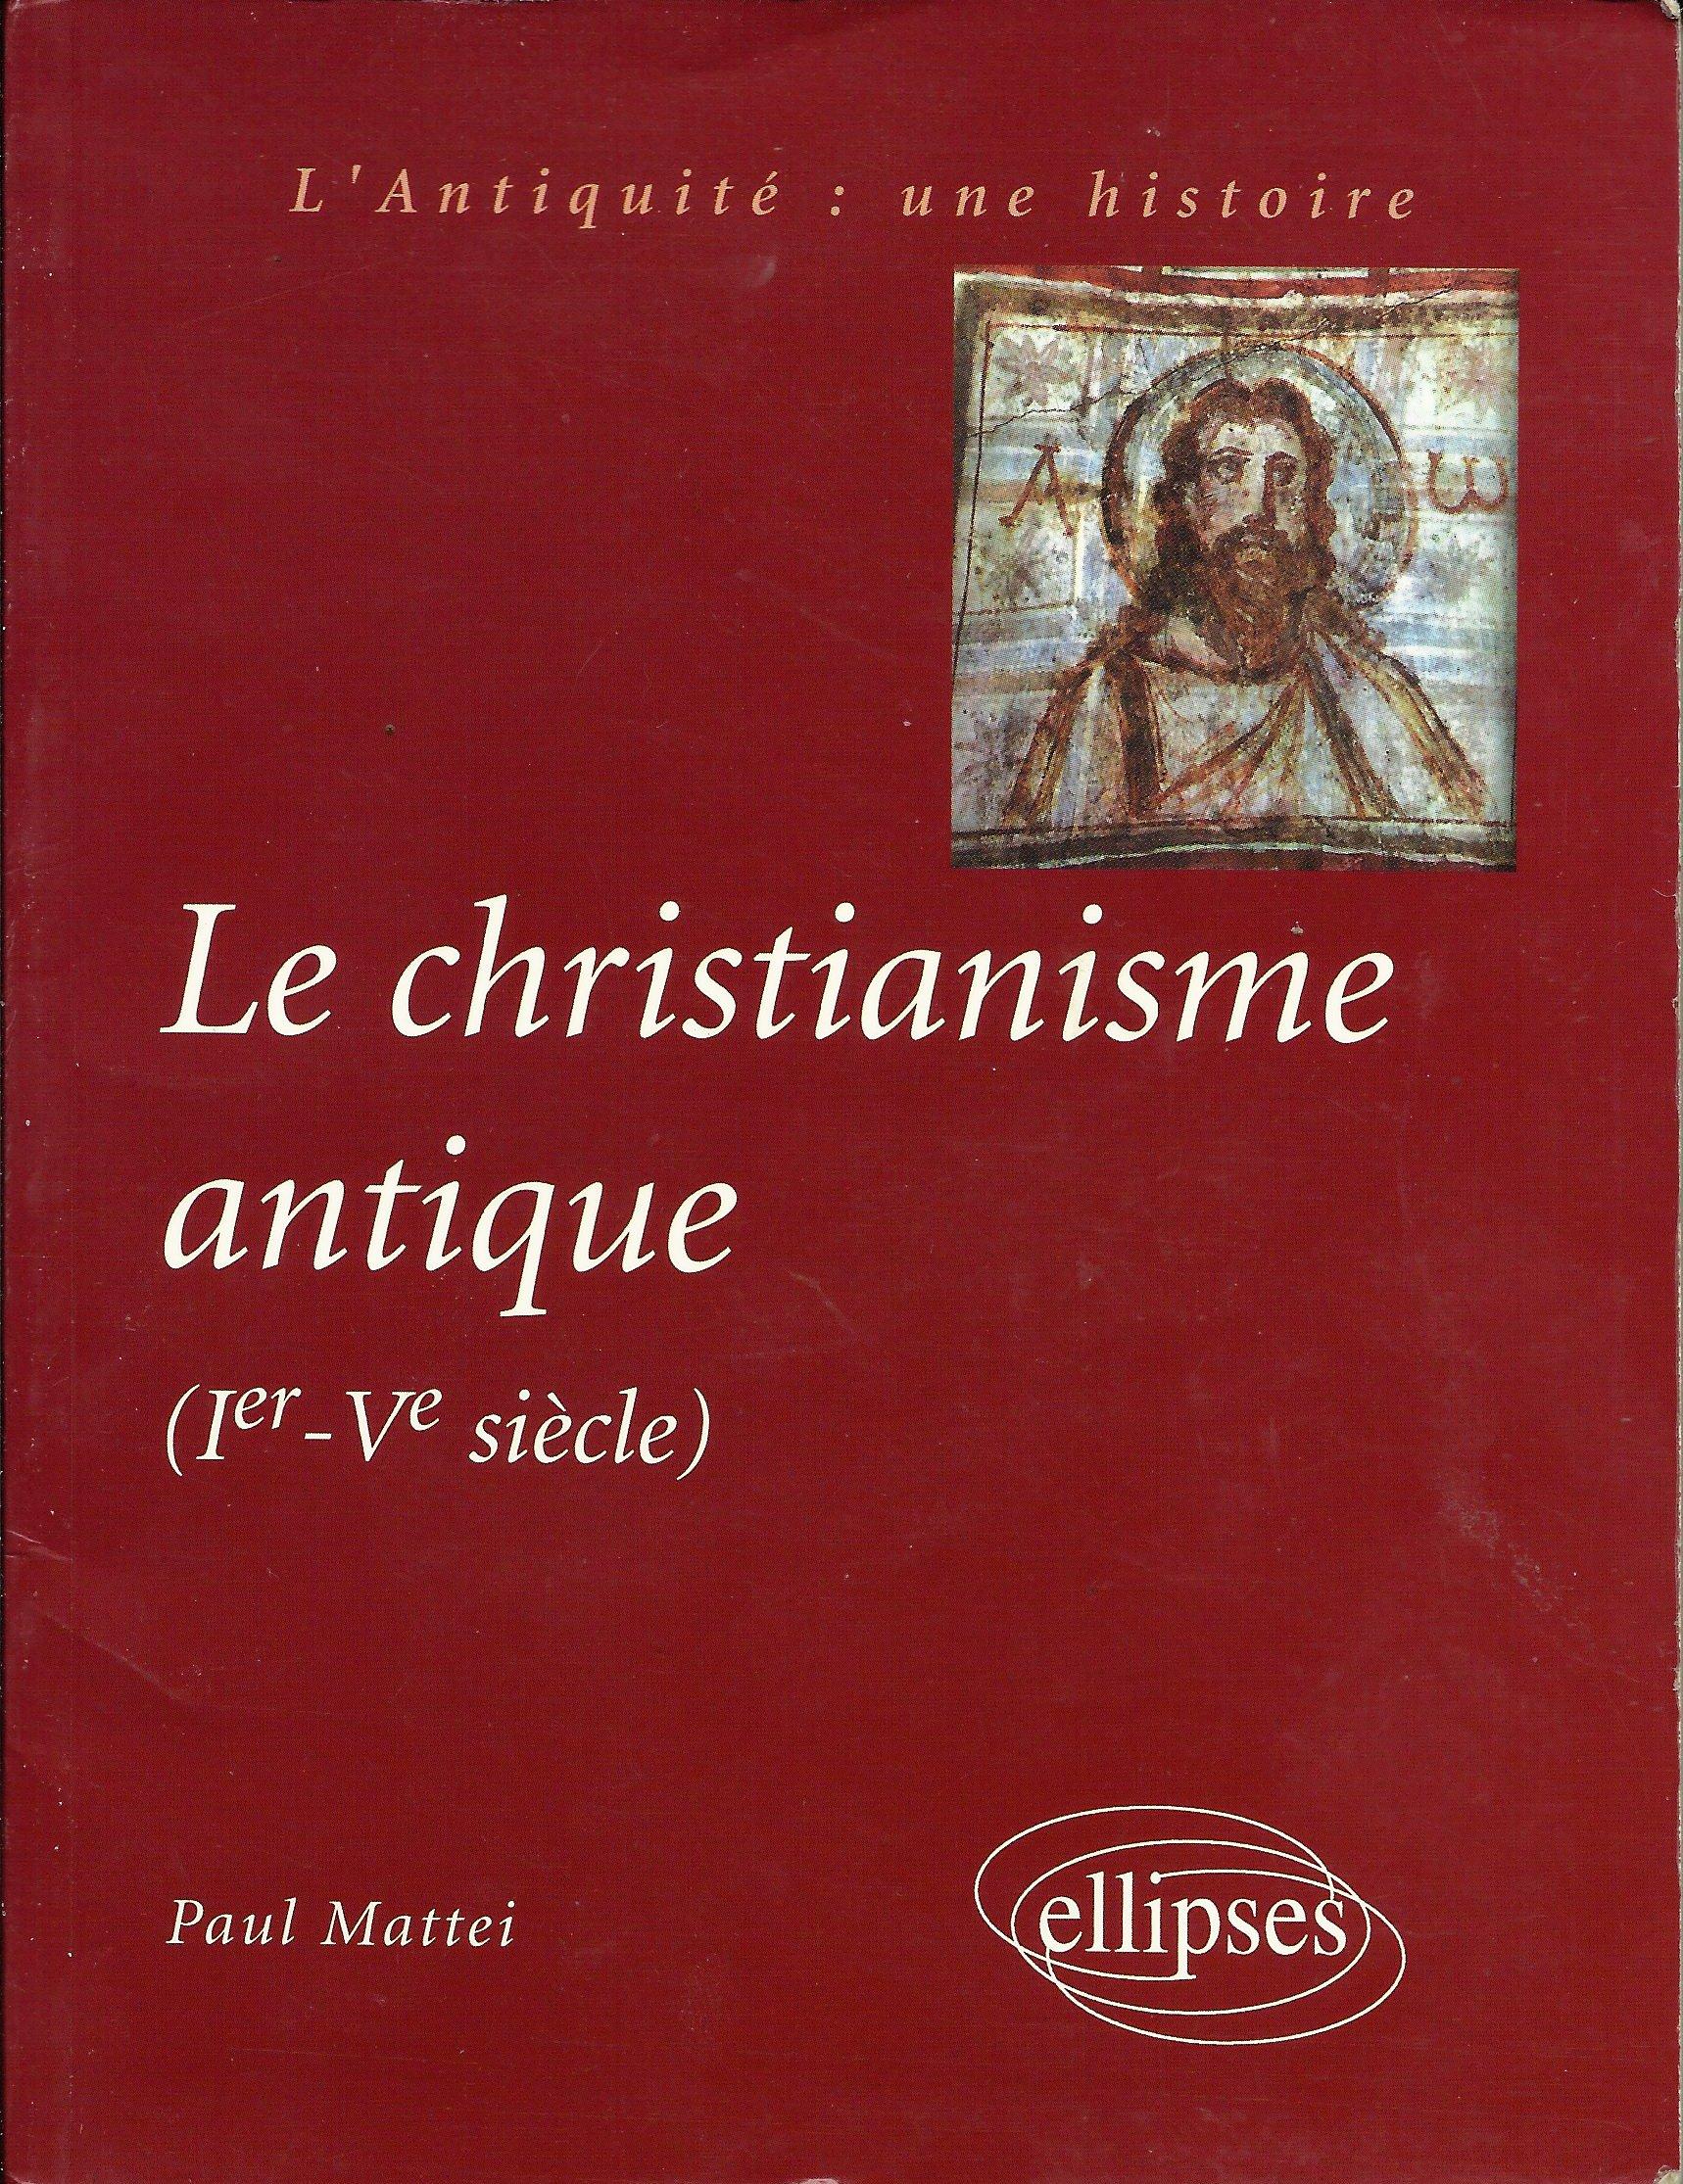 Le christianisme antique